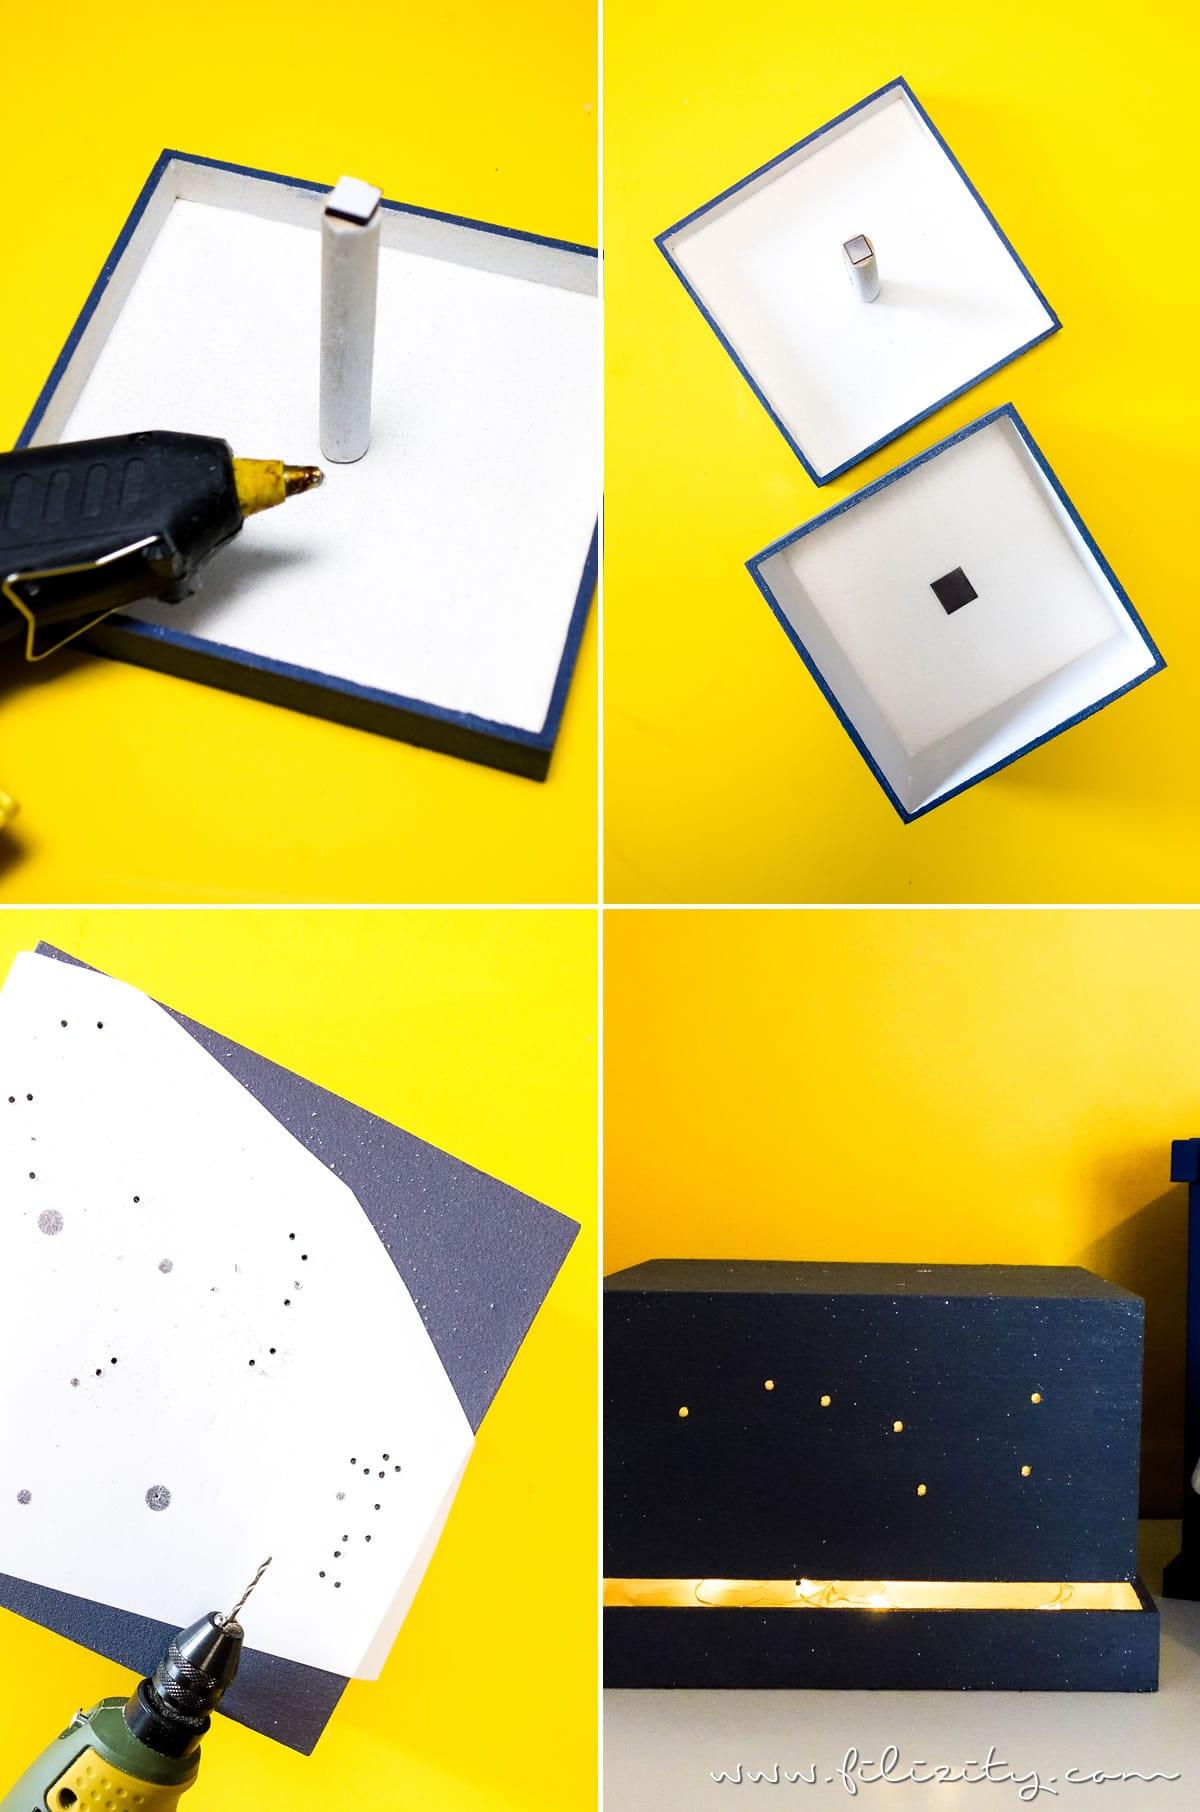 DIY Nachtlicht mit Sternenhimmel - Kinderzimmer-Lampe aus Spanschachtel basteln | Einfache Upcycling-Idee | Filizity.com - DIY Blog aus dem Rheinland